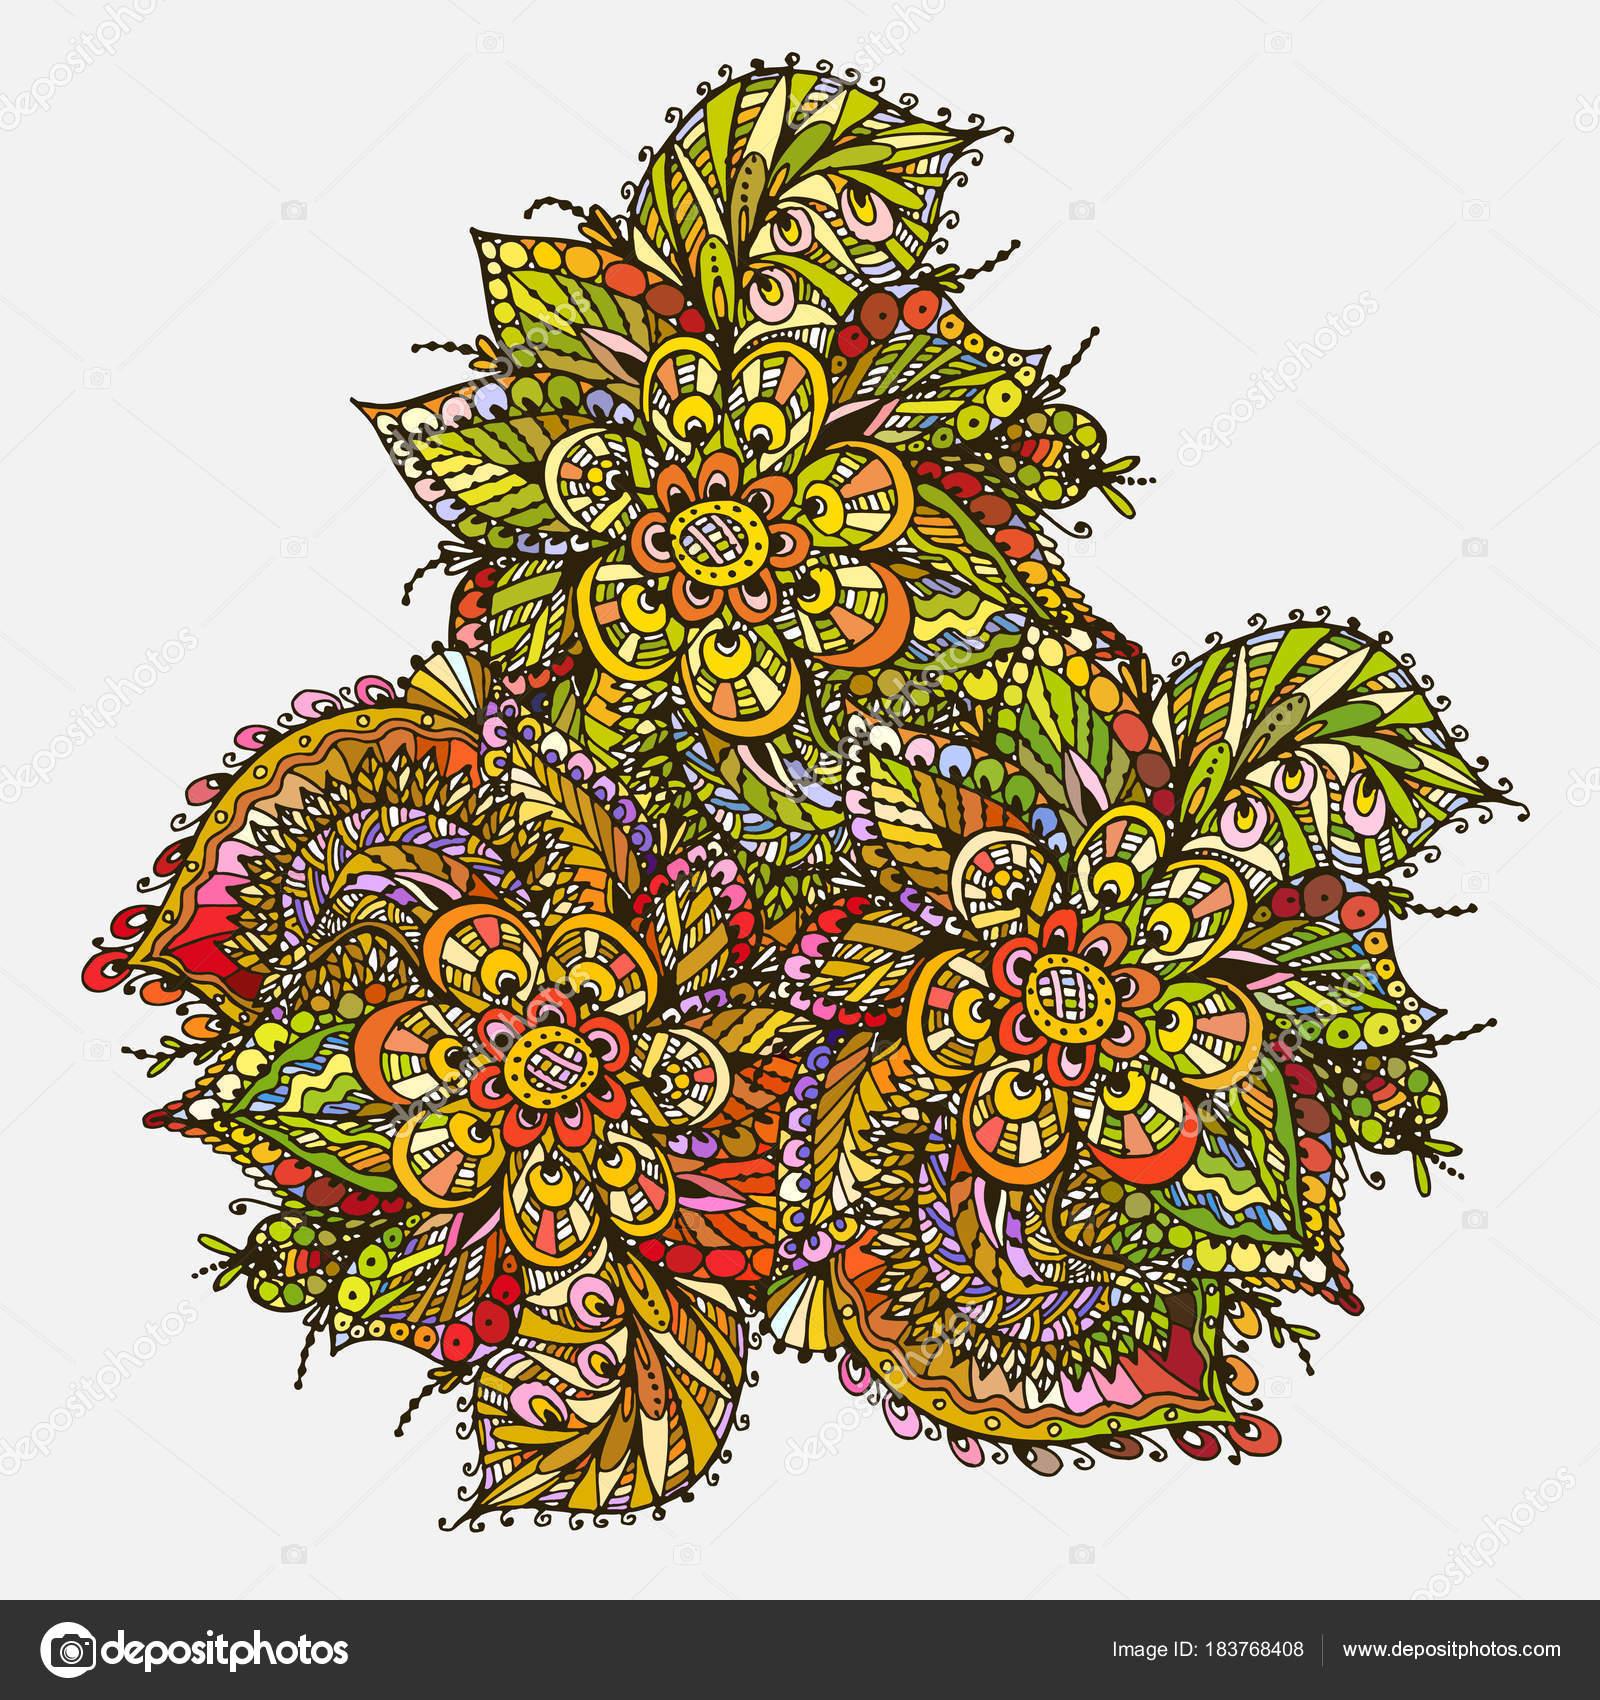 Vektor Bild Doodle Zeichnung für das Mandala Malvorlagen. triangula ...